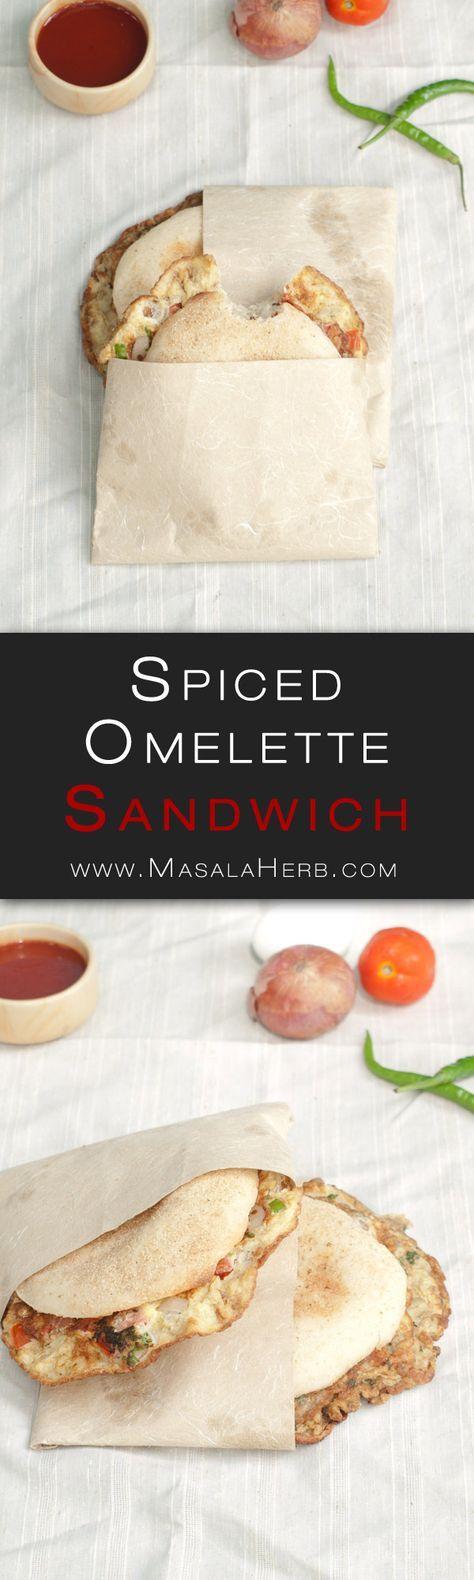 Goan Omelette Poi - Spiced Egg Omelette Bread Sandwich - Indian Street Food www.MasalaHerb.com #recipe #indian #streetfood